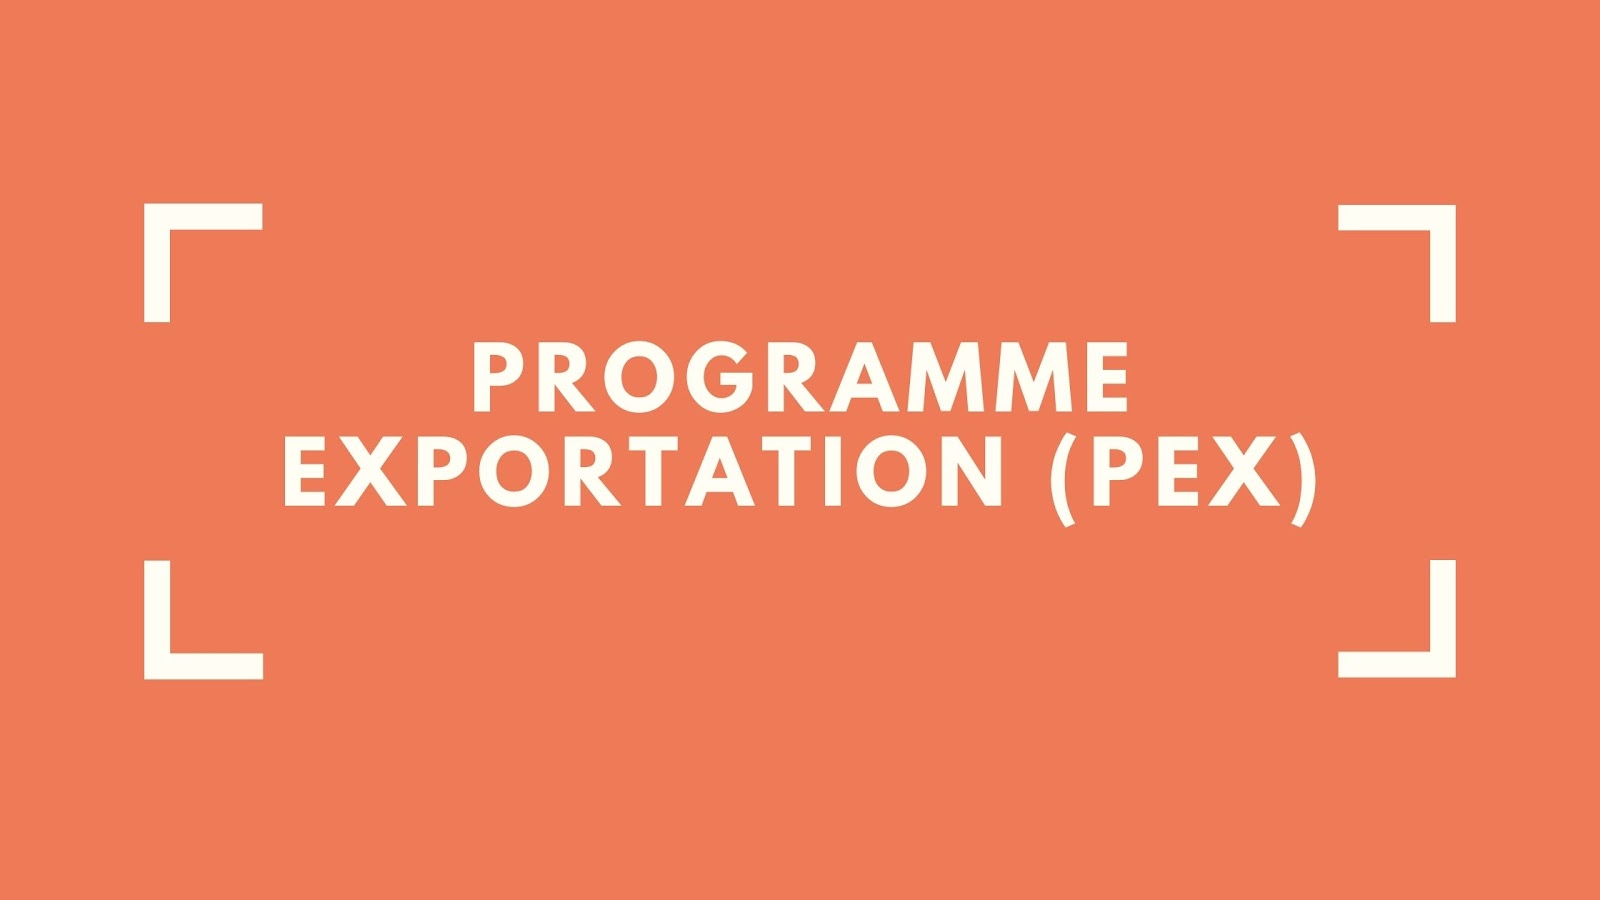 Programme Exportation - Volet Entreprise (PEX)